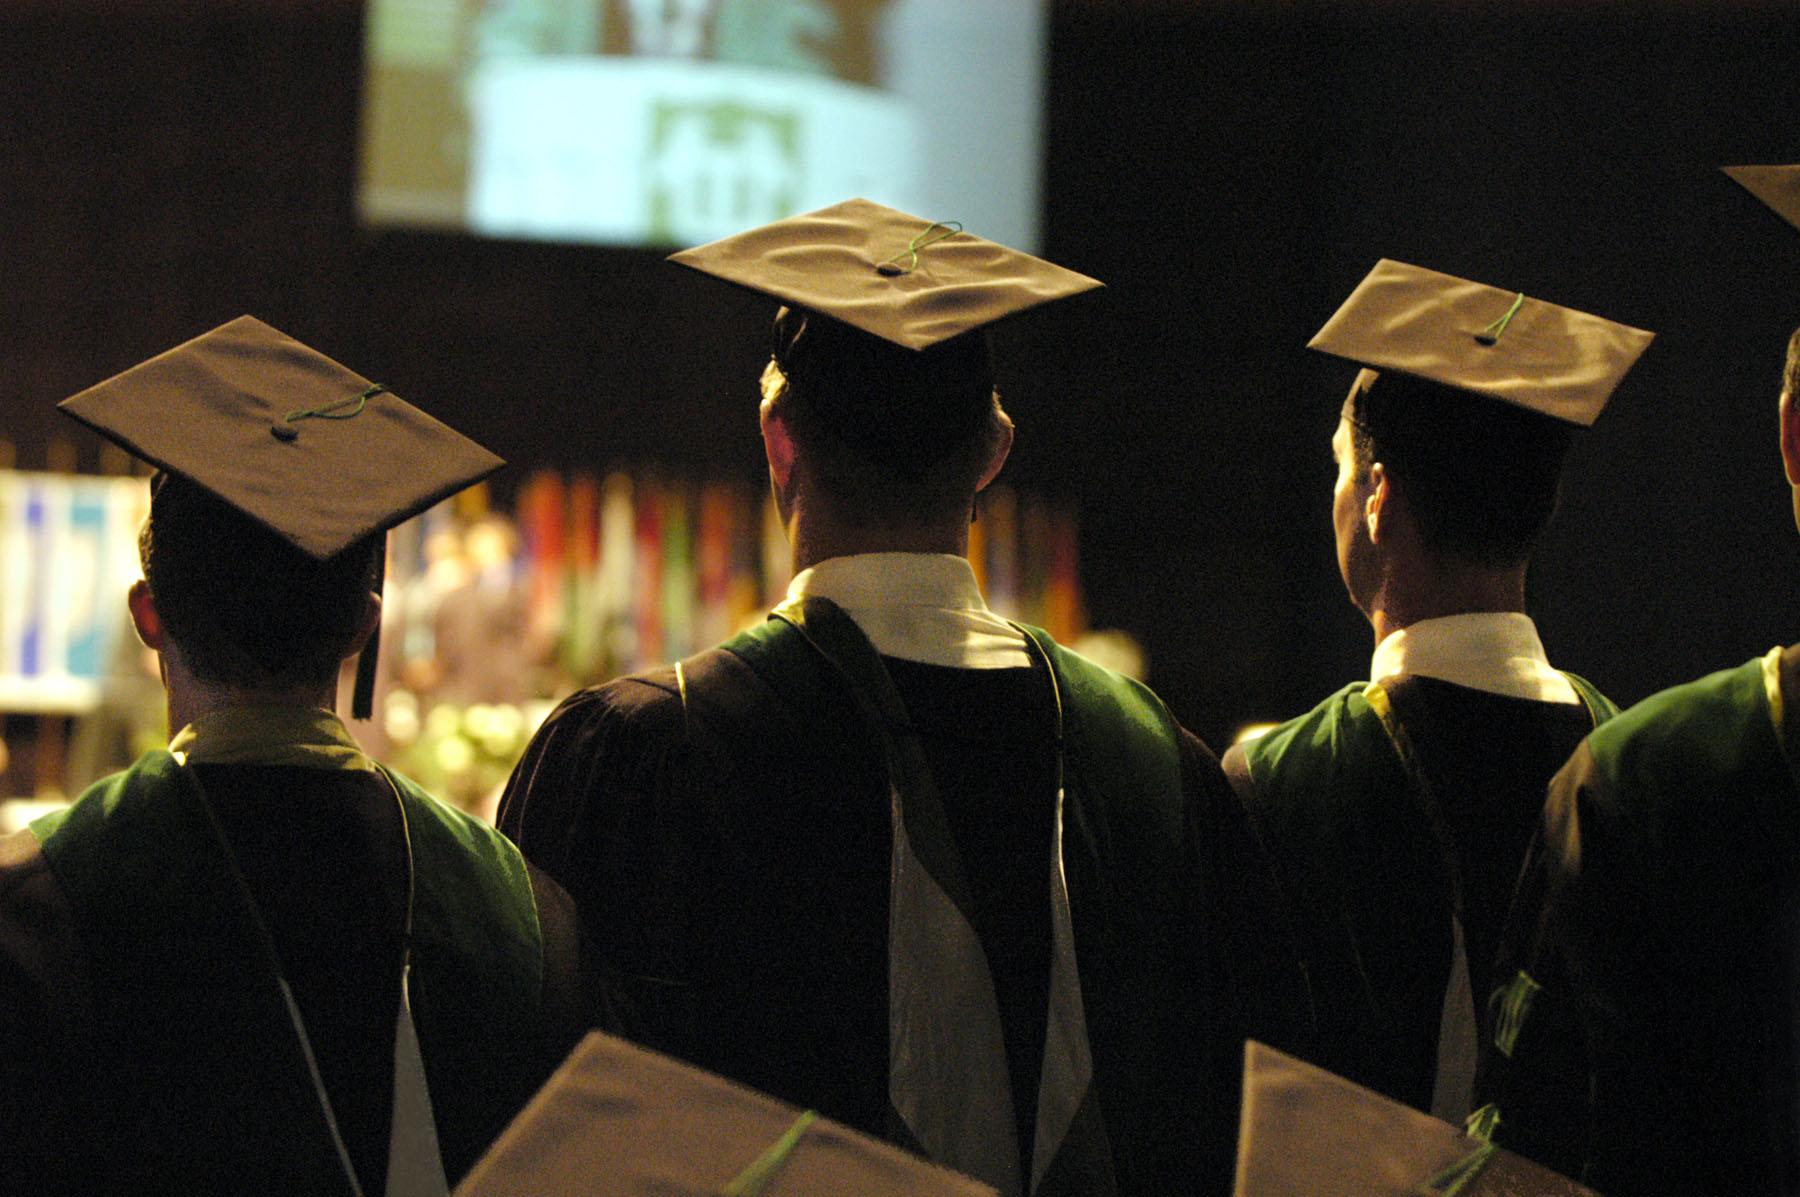 могут картинки высшее образование а работы нет внимание, как отражаемый